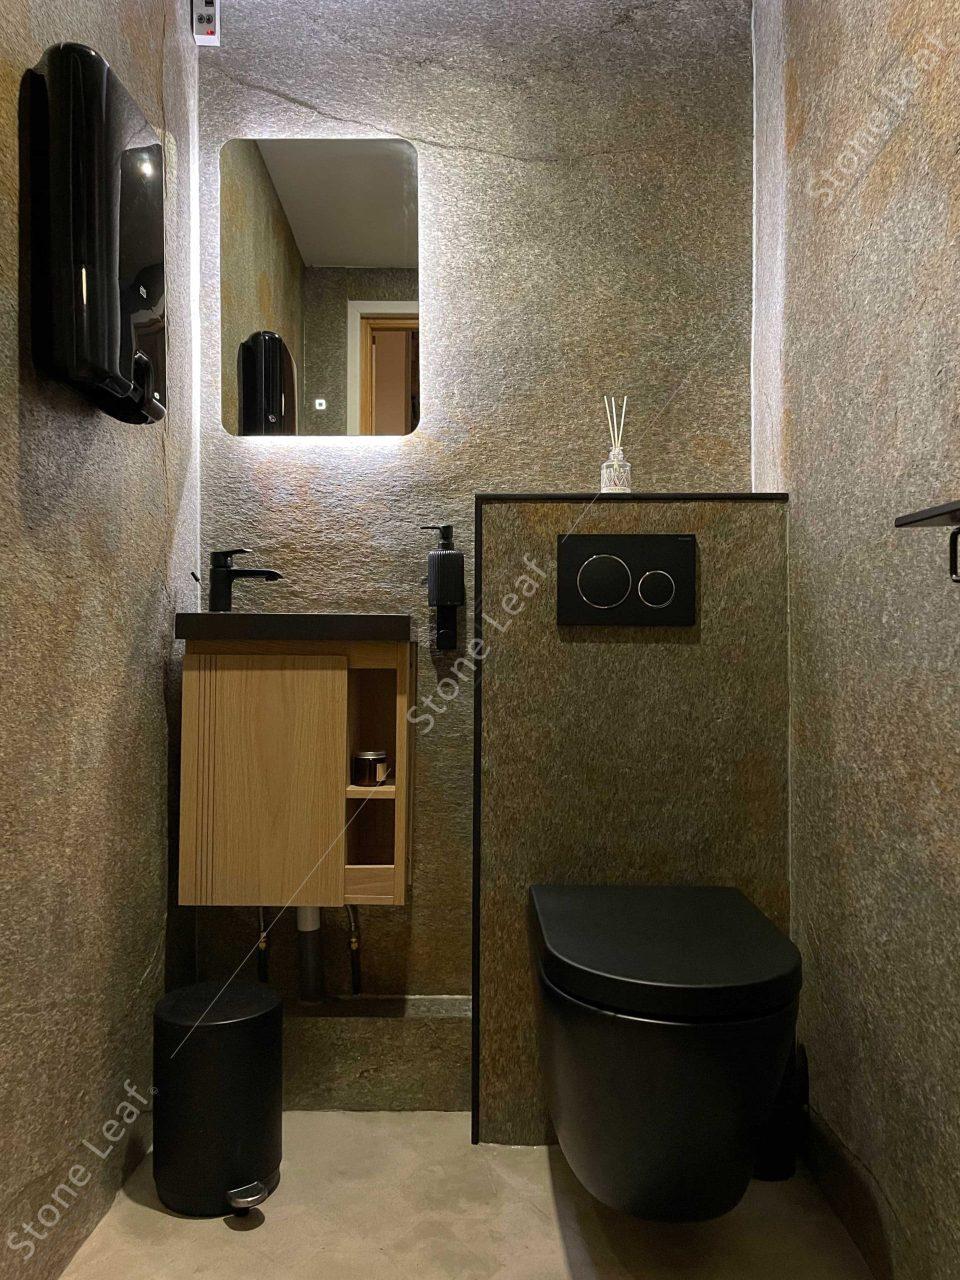 Feuille de pierre 100% naturelle en revêtement de sanitaires